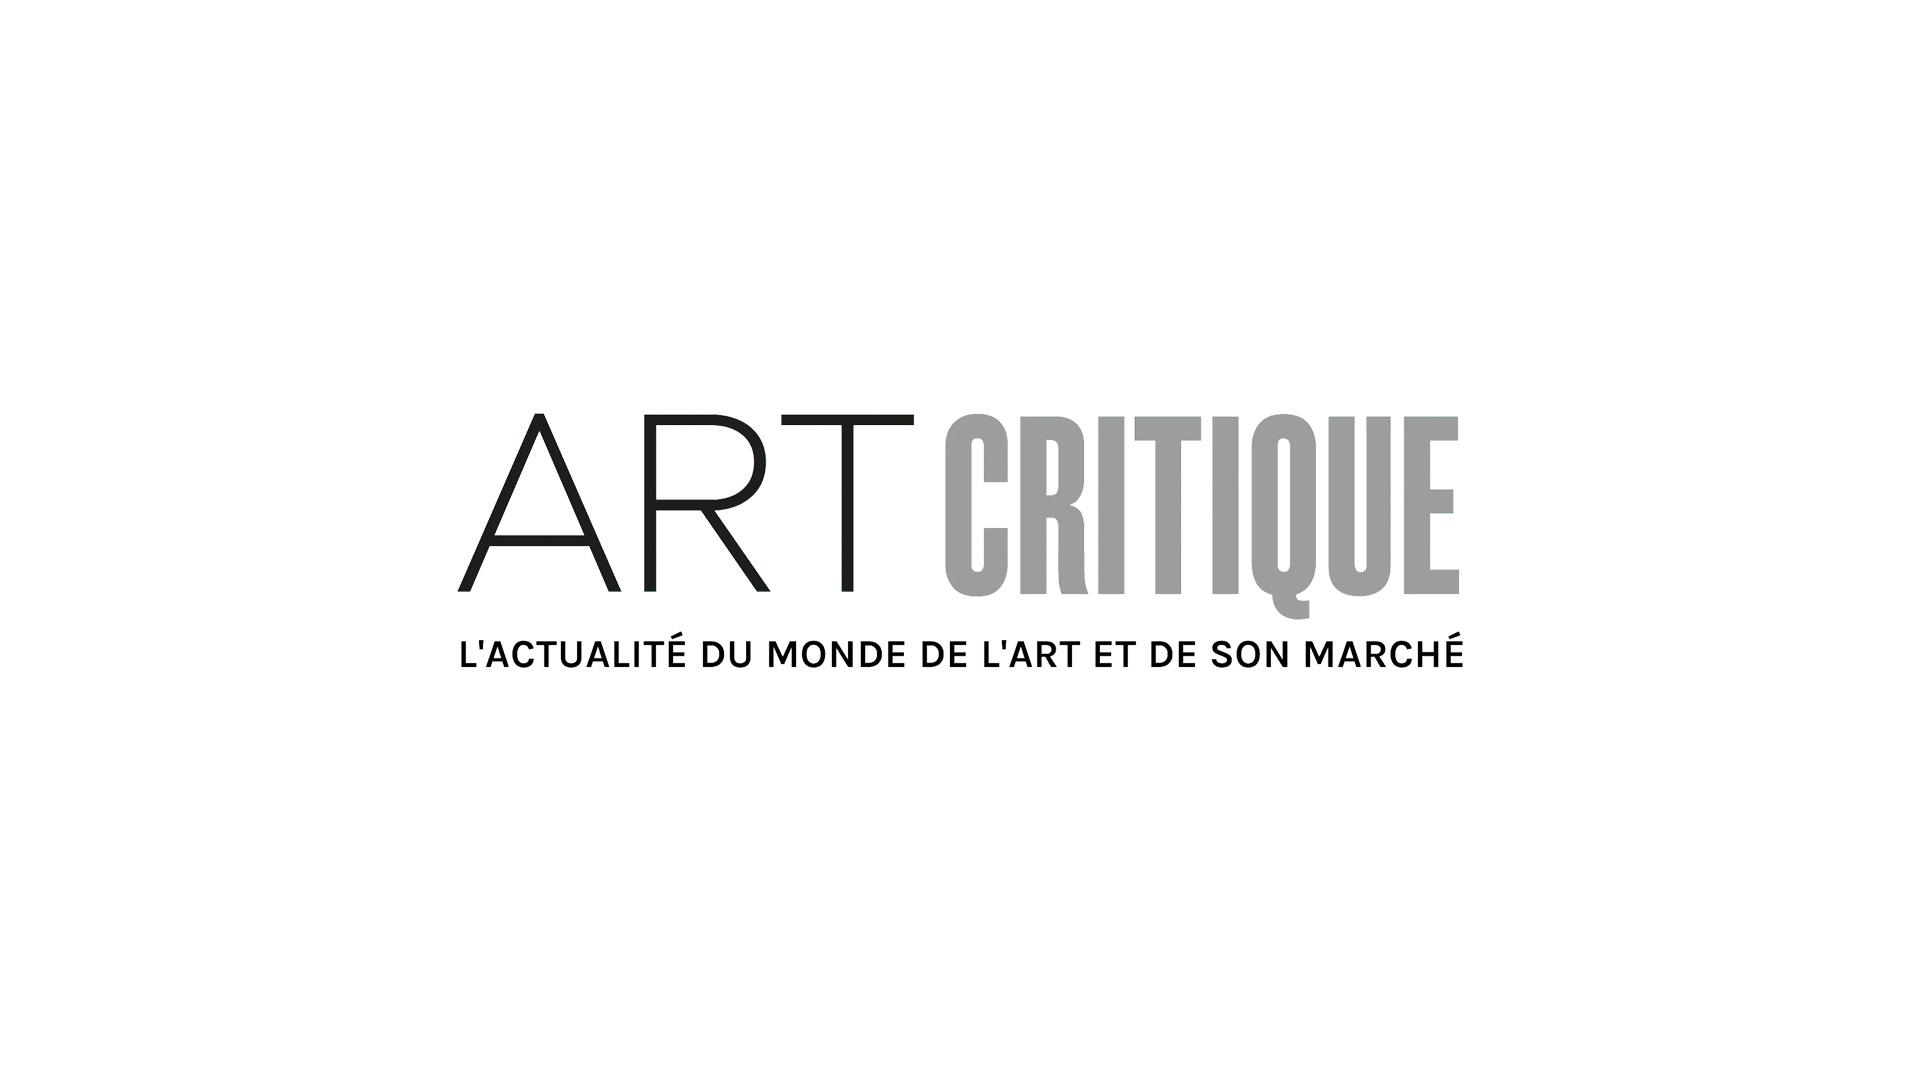 La plus grande collection de Picasso au monde, c'est pour 2021